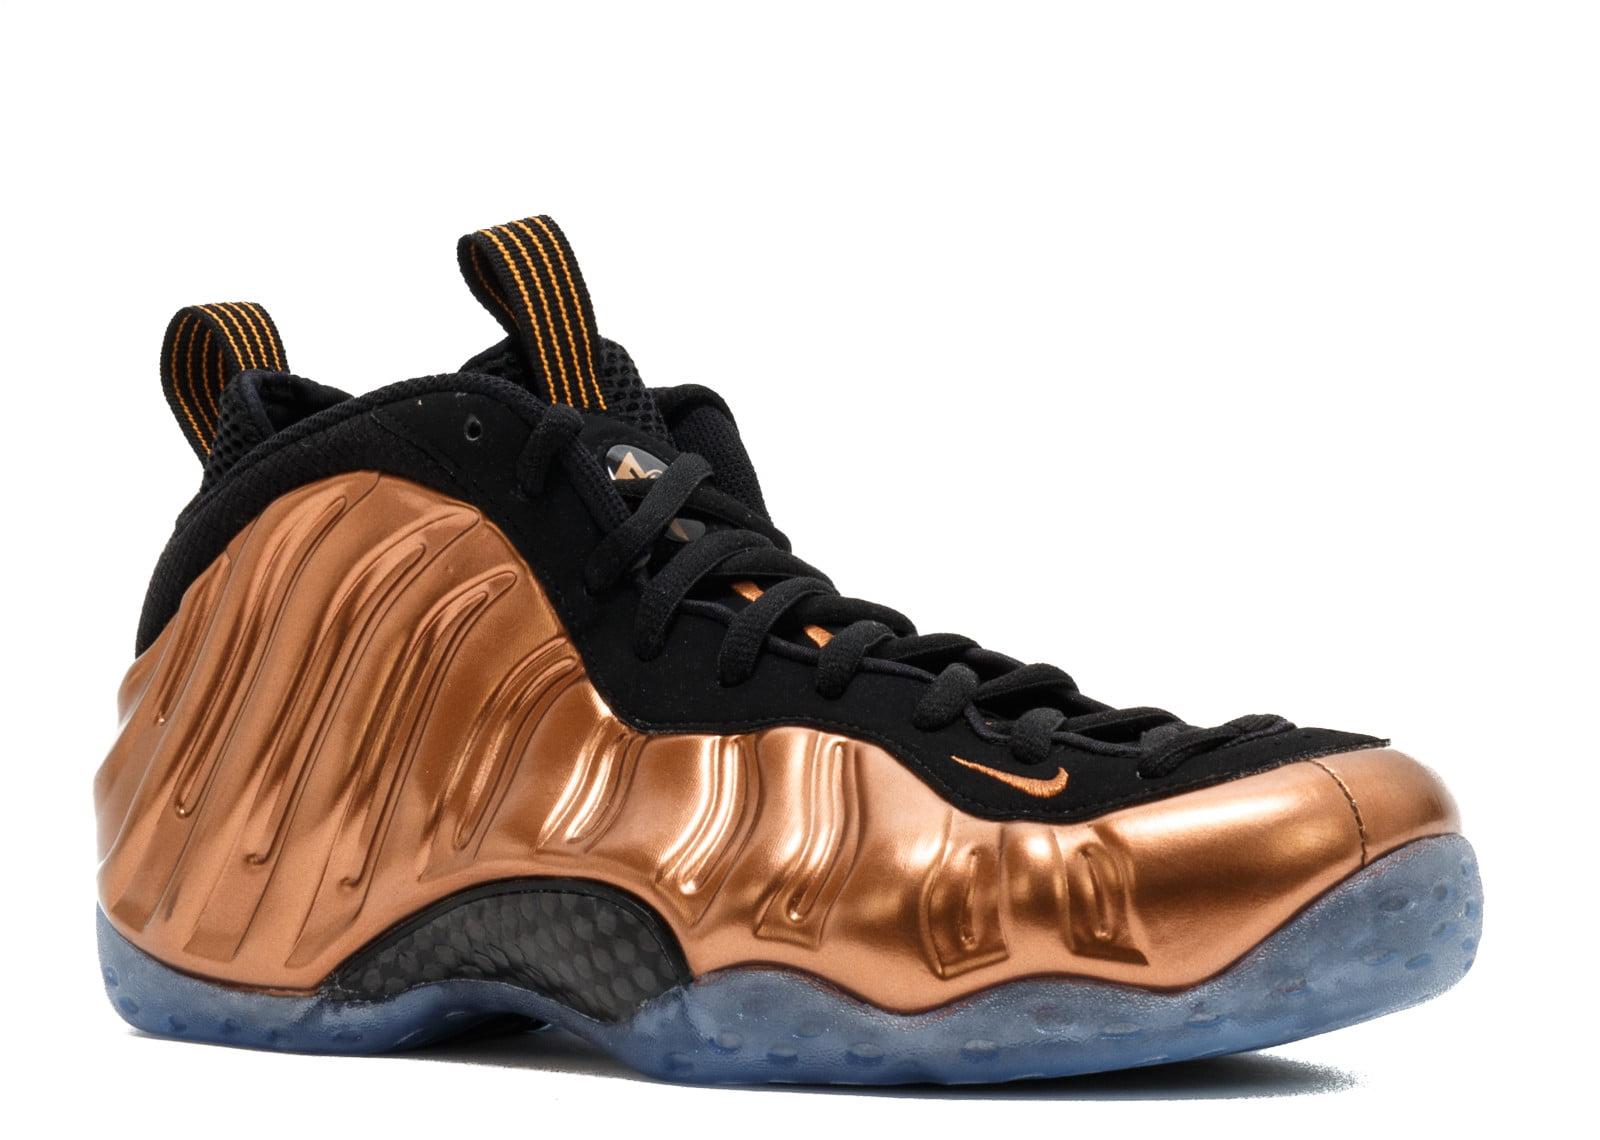 3a15f5e55be8a Nike - Men - Air Foamposite One  Copper  - 314996-007 - Size 7.5